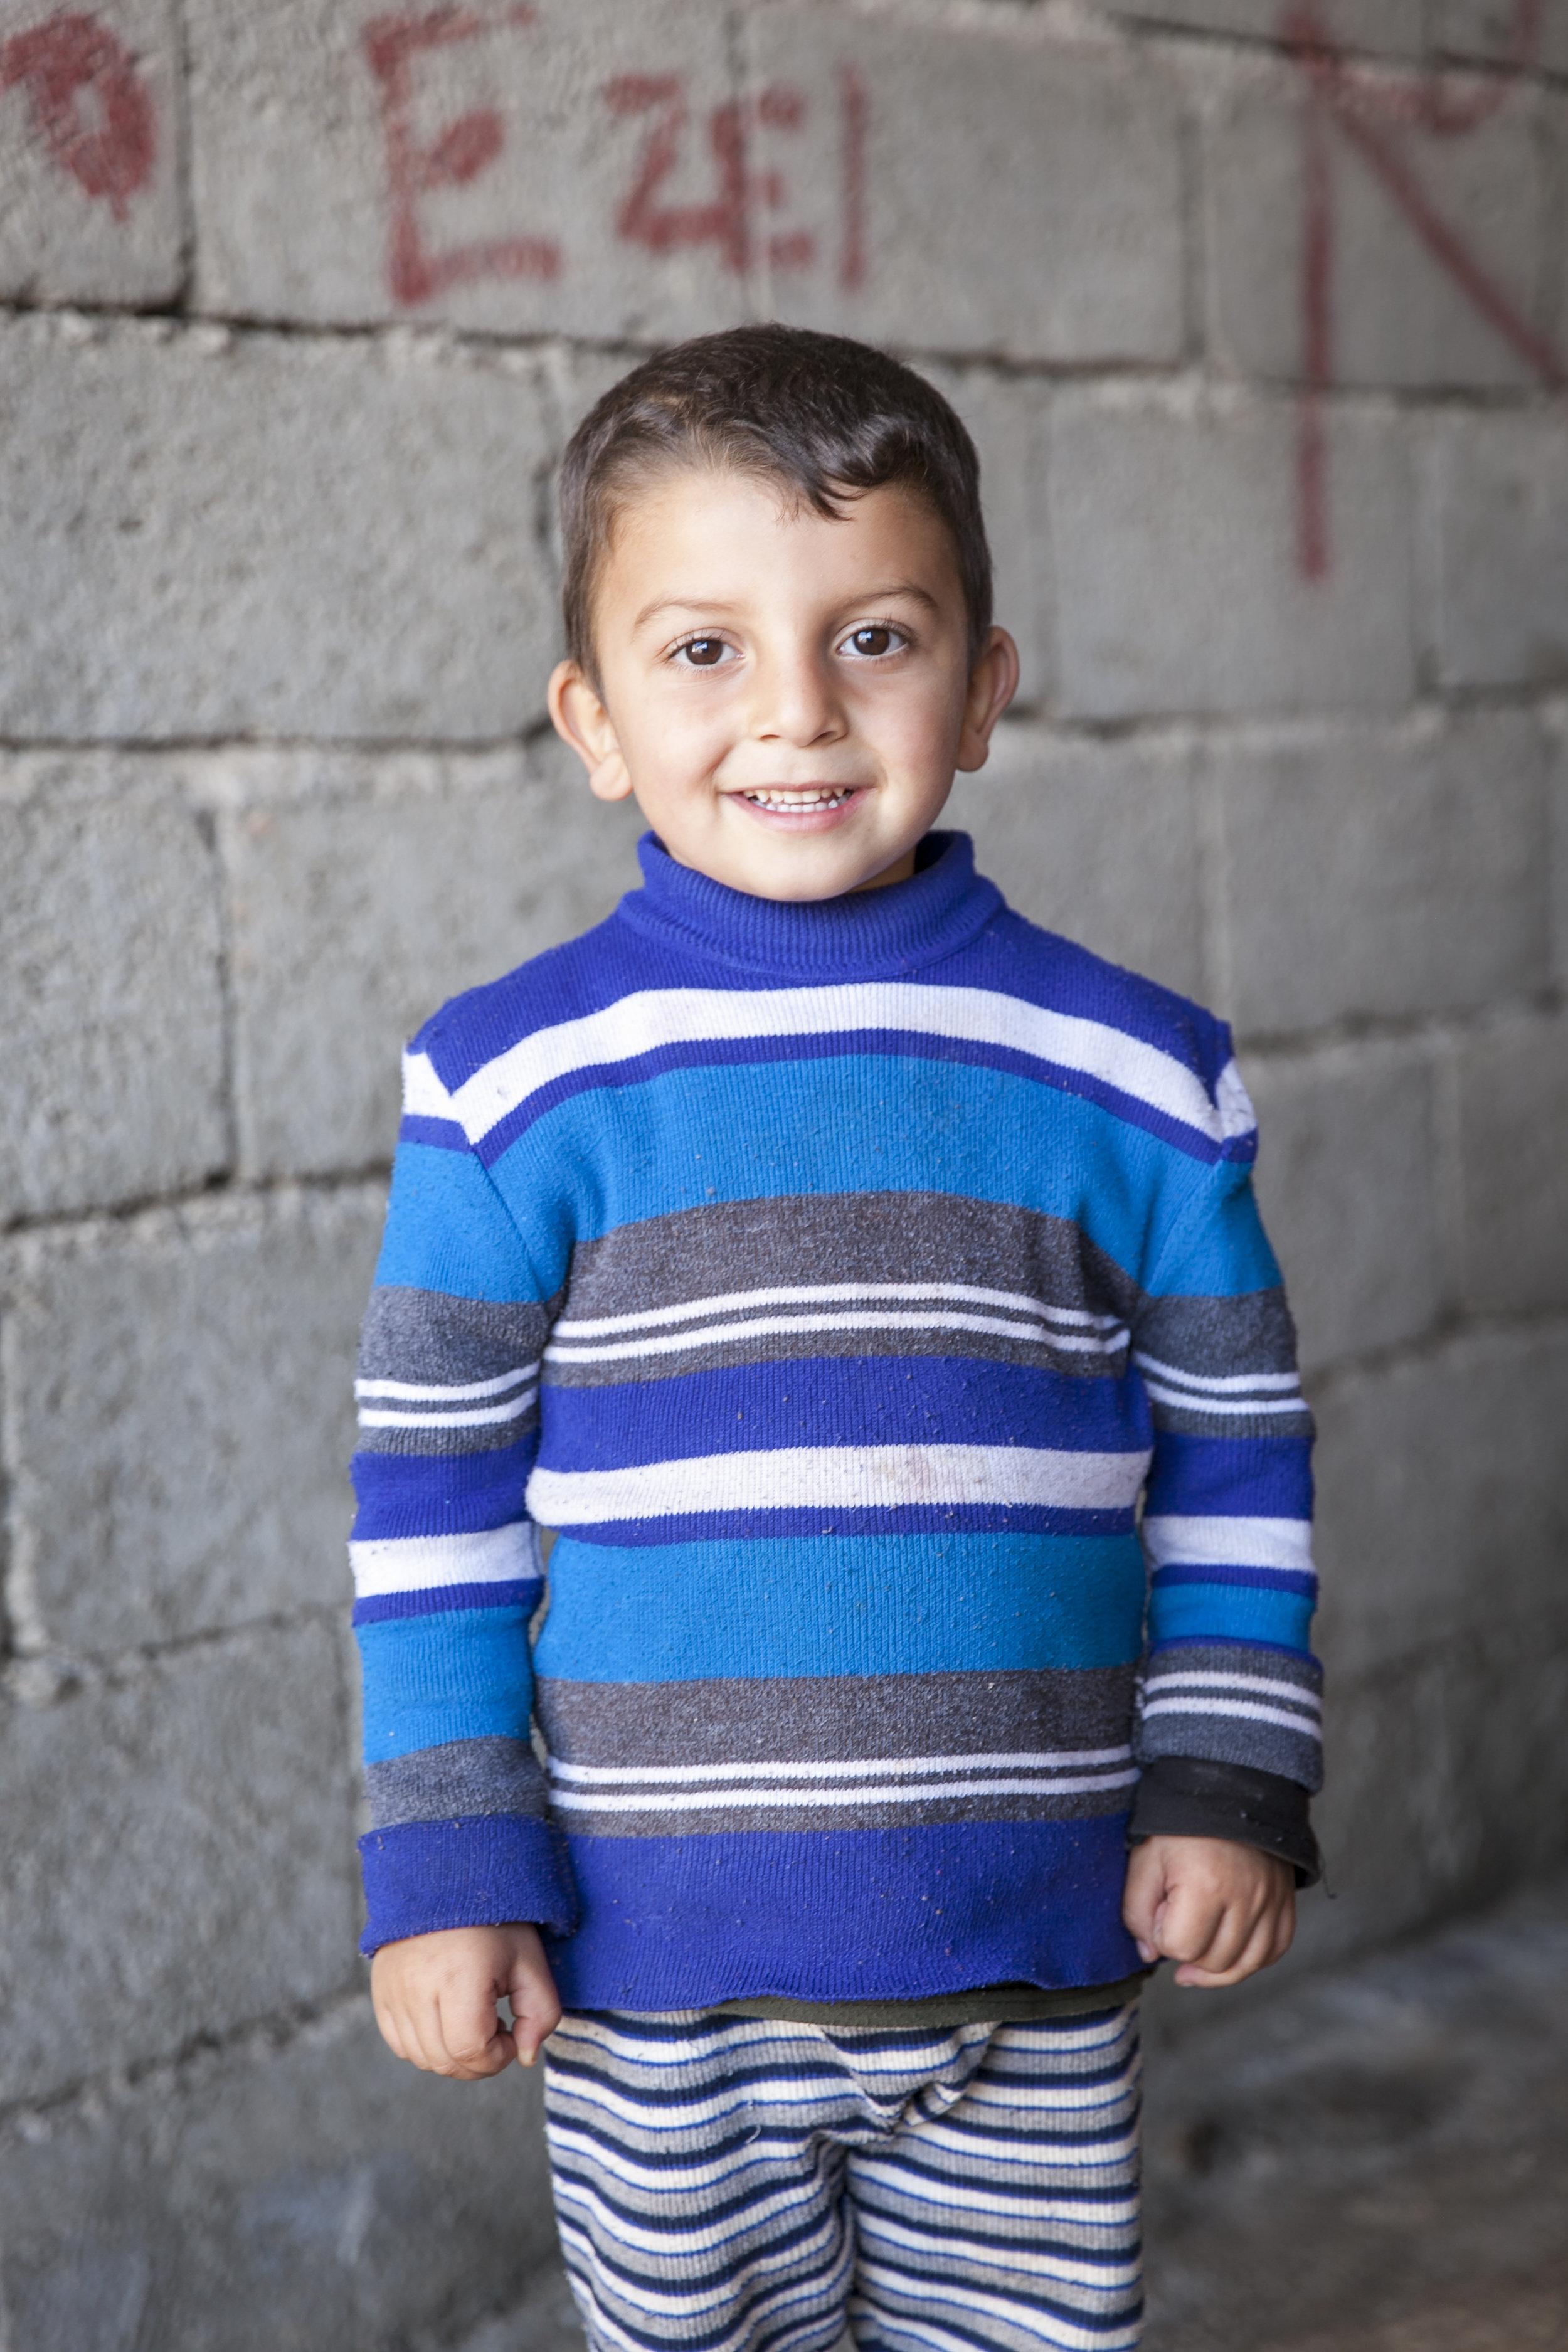 20141205_Refugee_GH_0292.jpg